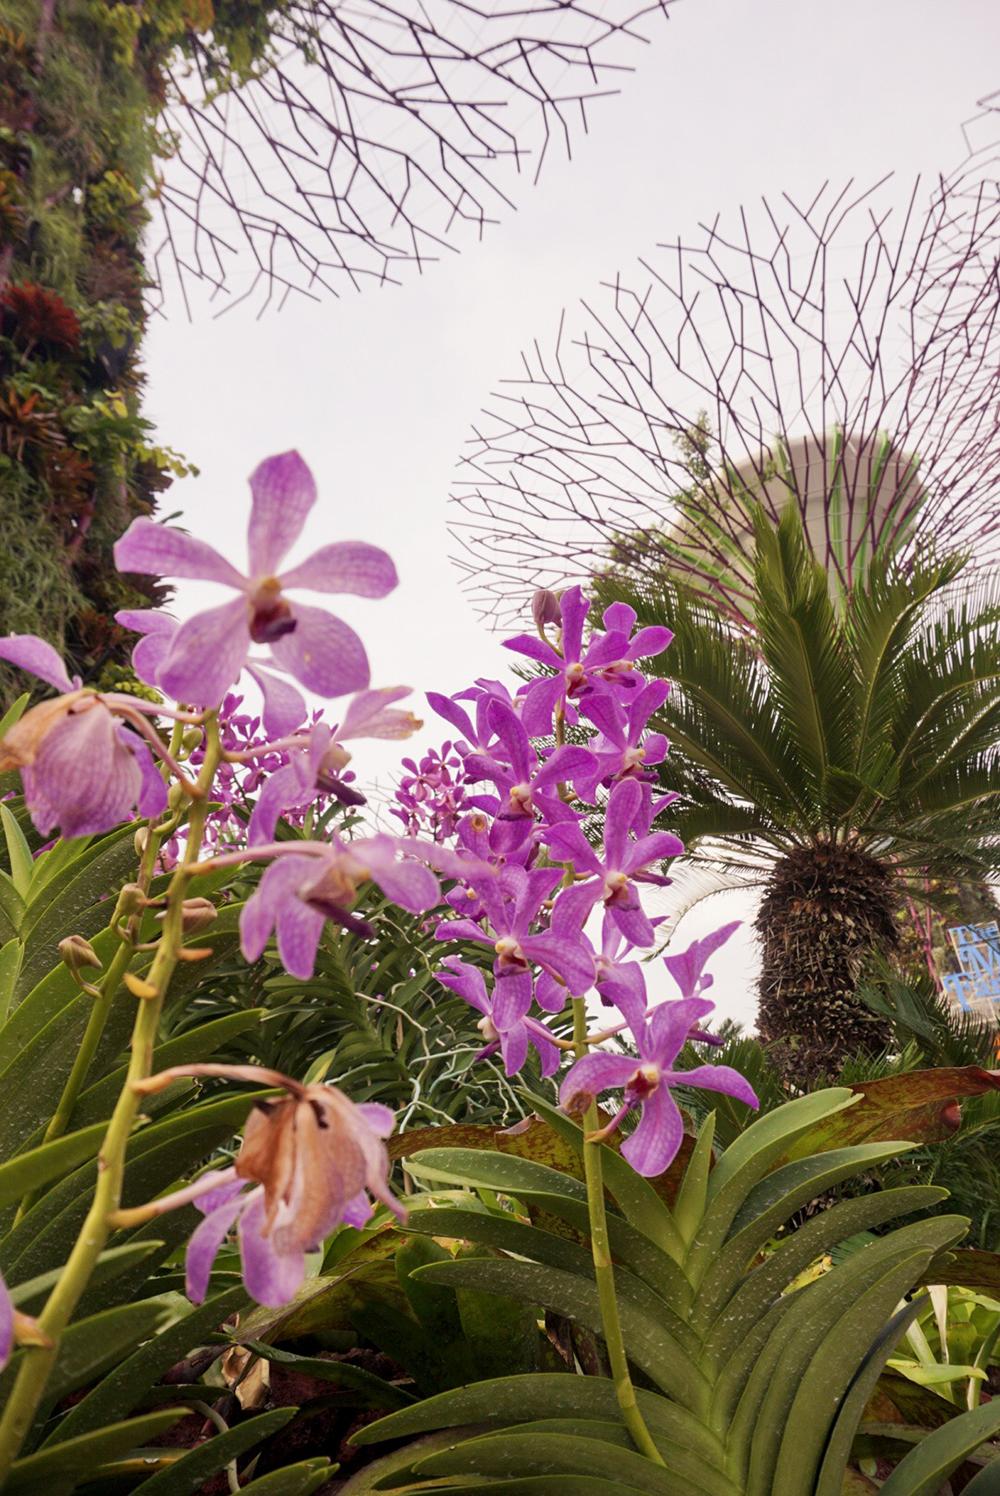 Gina Maldonado - cocogigidesing - Singapore_6867.jpg